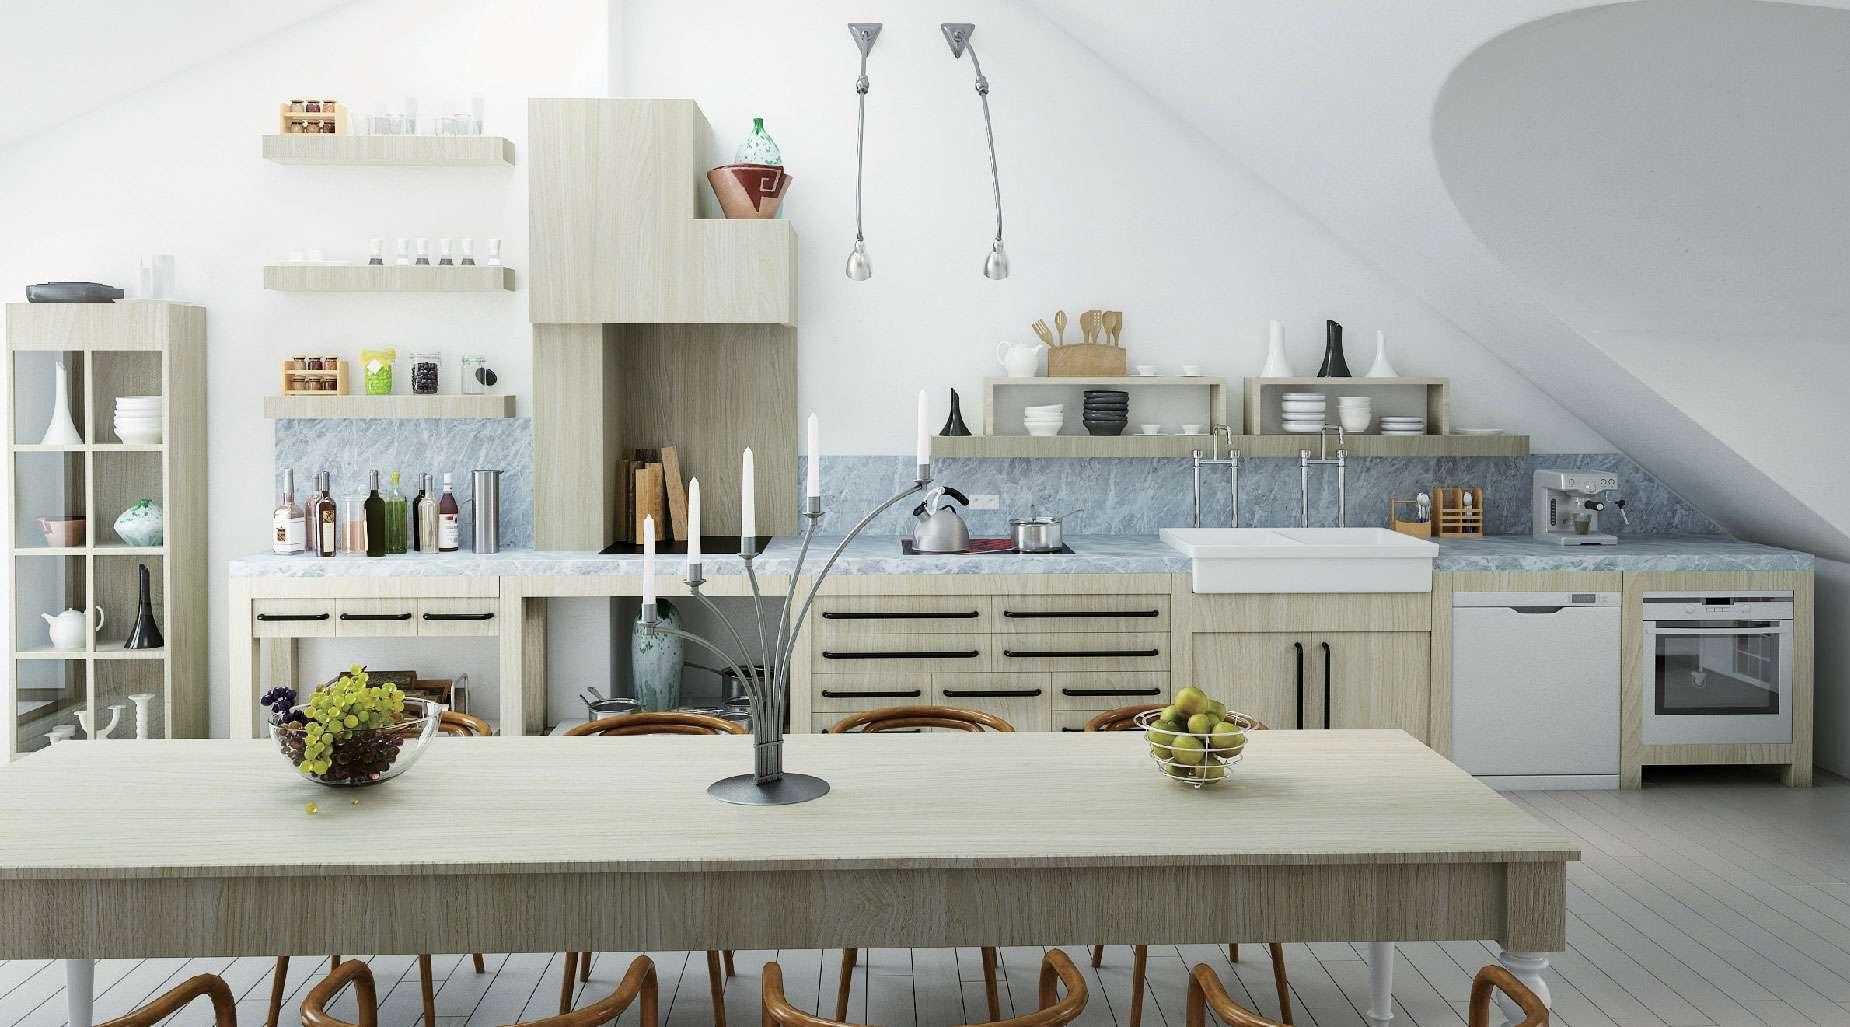 6 xu hướng thiết kế nhà ở lên ngôi 2018